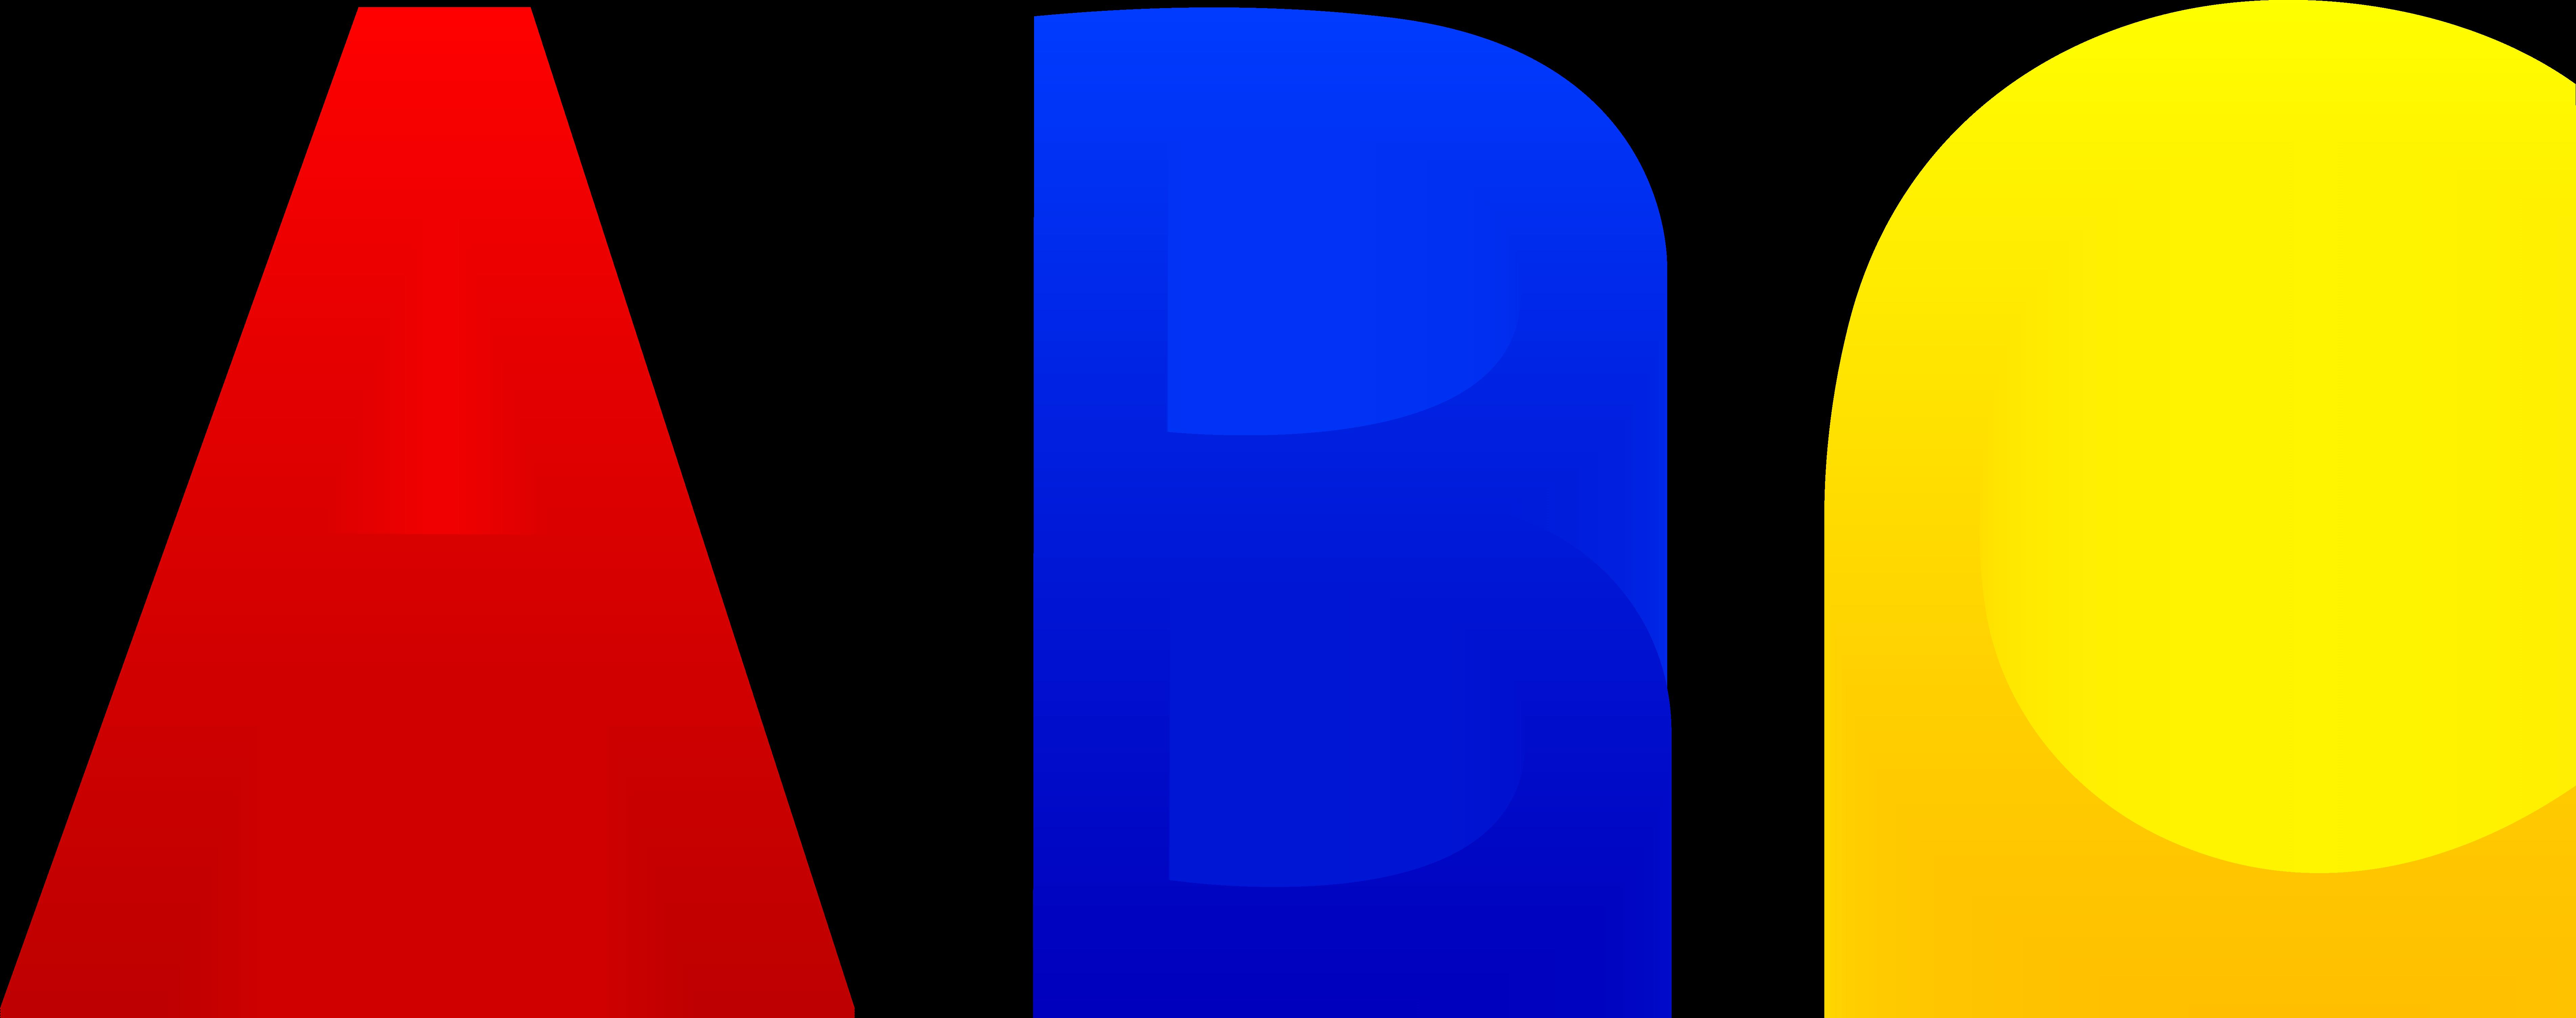 7608x3008 Letter A Alphabet Letter Clipart Clipartfest